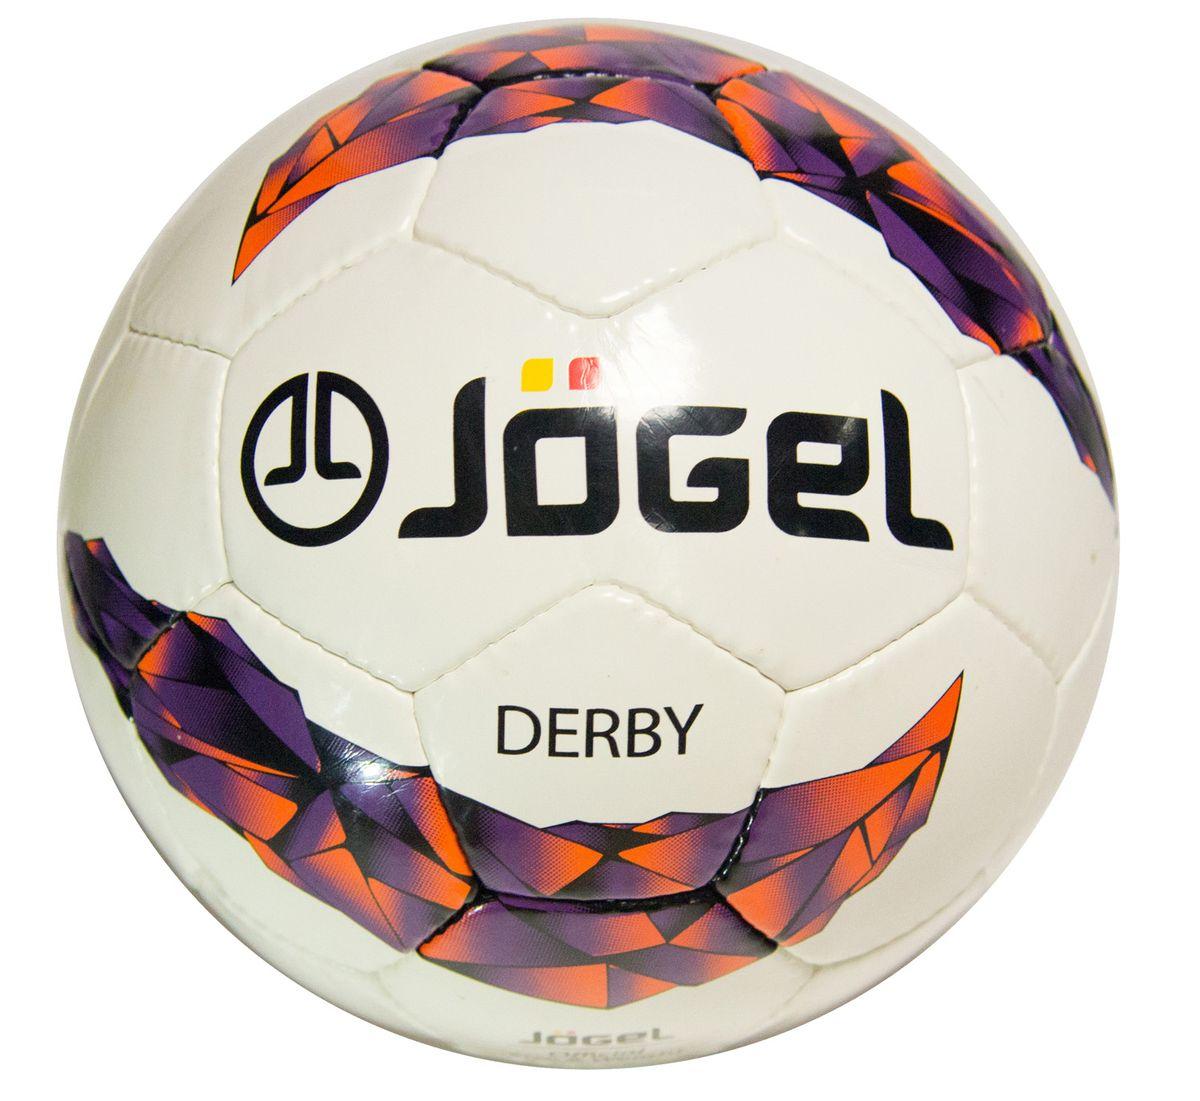 Мяч футбольный Jogel Derby, цвет: белый, сиреневый, оранжевый, черный. Размер 5. JS-500УТ-00009476Классический футбольный мяч Jogel с прочной покрышкой из синтетической кожи, сшитой вручную, имеющий прекрасные техническиехарактеристики, которые соответствуют всем требованиям тренировочного процесса. В нем предусмотрено 4 подкладочных слоя из смесихлопка с полиэстером.Мяч станет отличным выбором для тренировок и проведения любительских матчей.Вес: 410-450 гр. Длина окружности: 68-70 см. Рекомендованное давление: 0.6-0.8 бар.УВАЖАЕМЫЕ КЛИЕНТЫ!Обращаем ваше внимание на тот факт, что мяч поставляется в сдутом виде. Насос в комплект не входит.